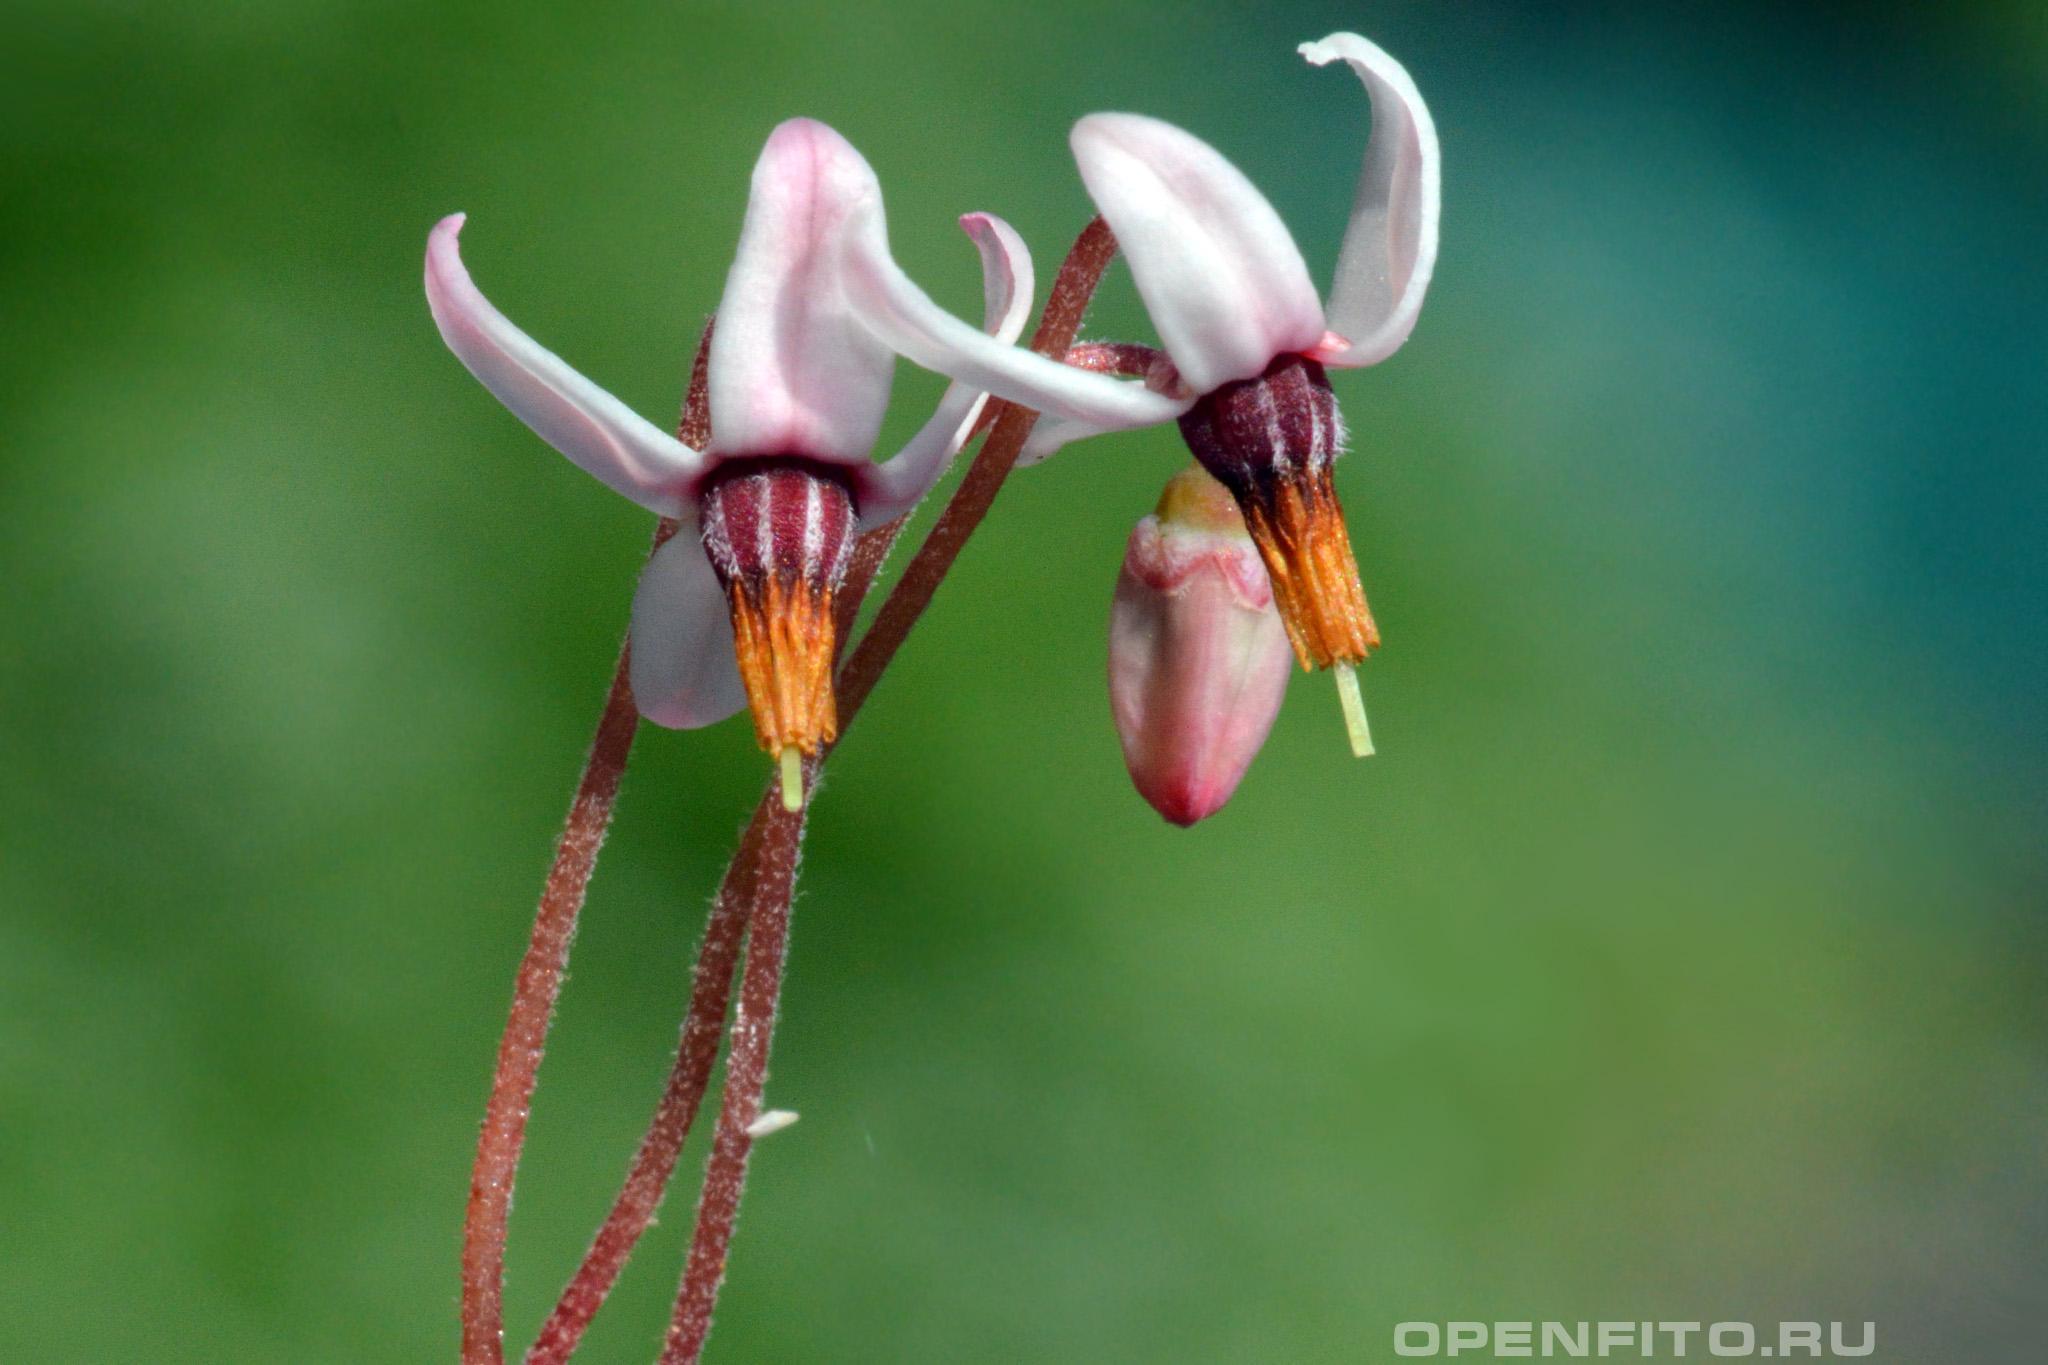 Клюква болотная макросъемка цветков